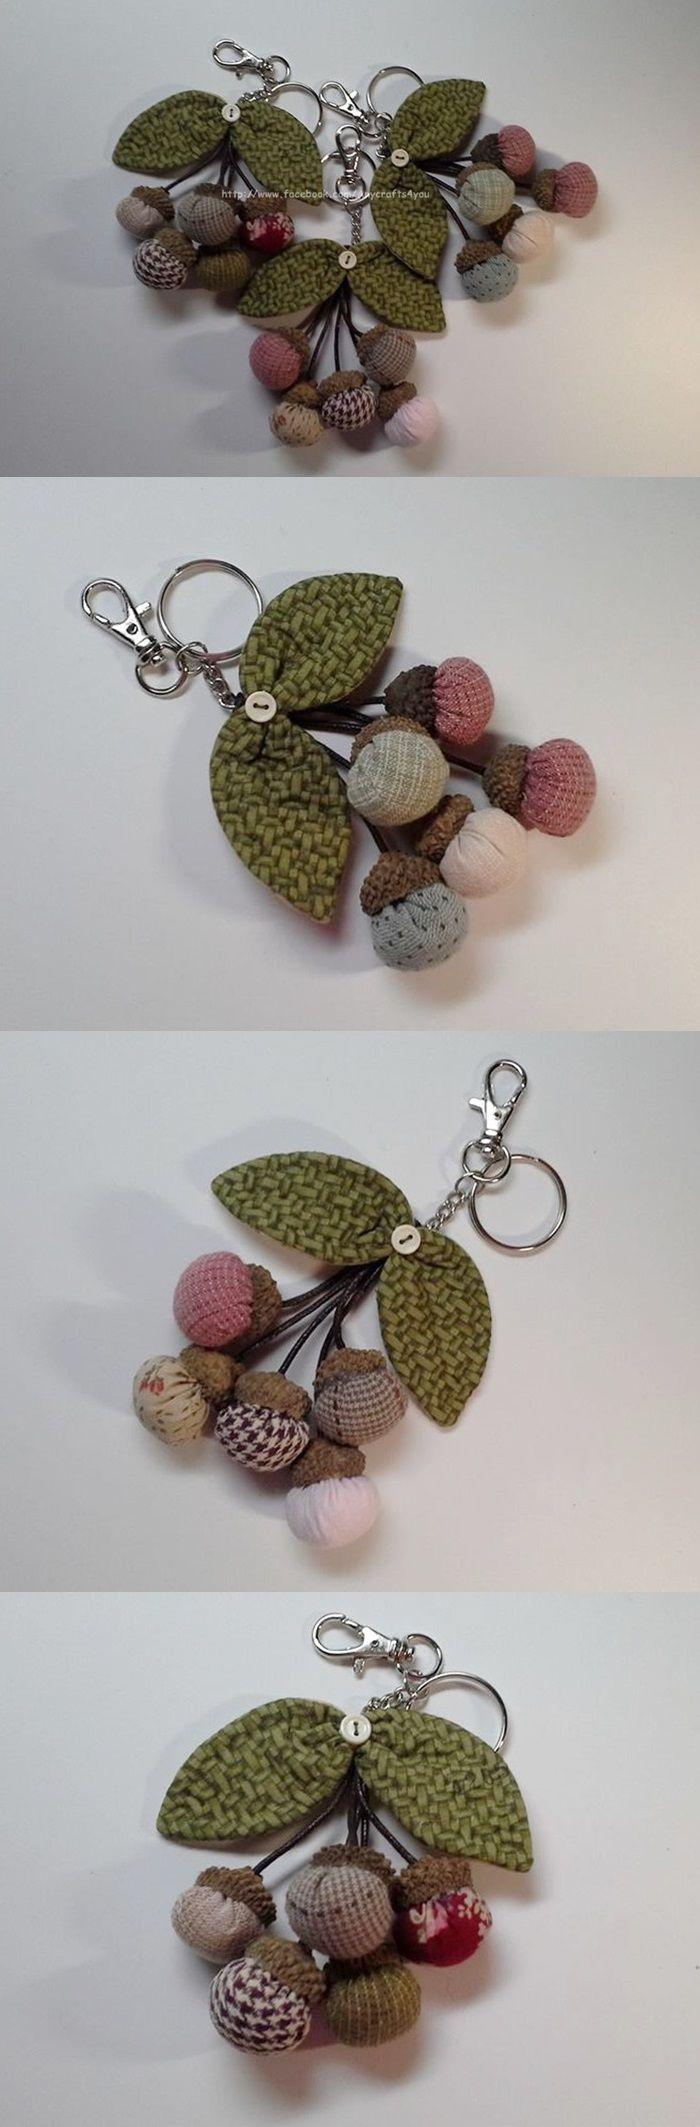 手縫布鑰匙圈